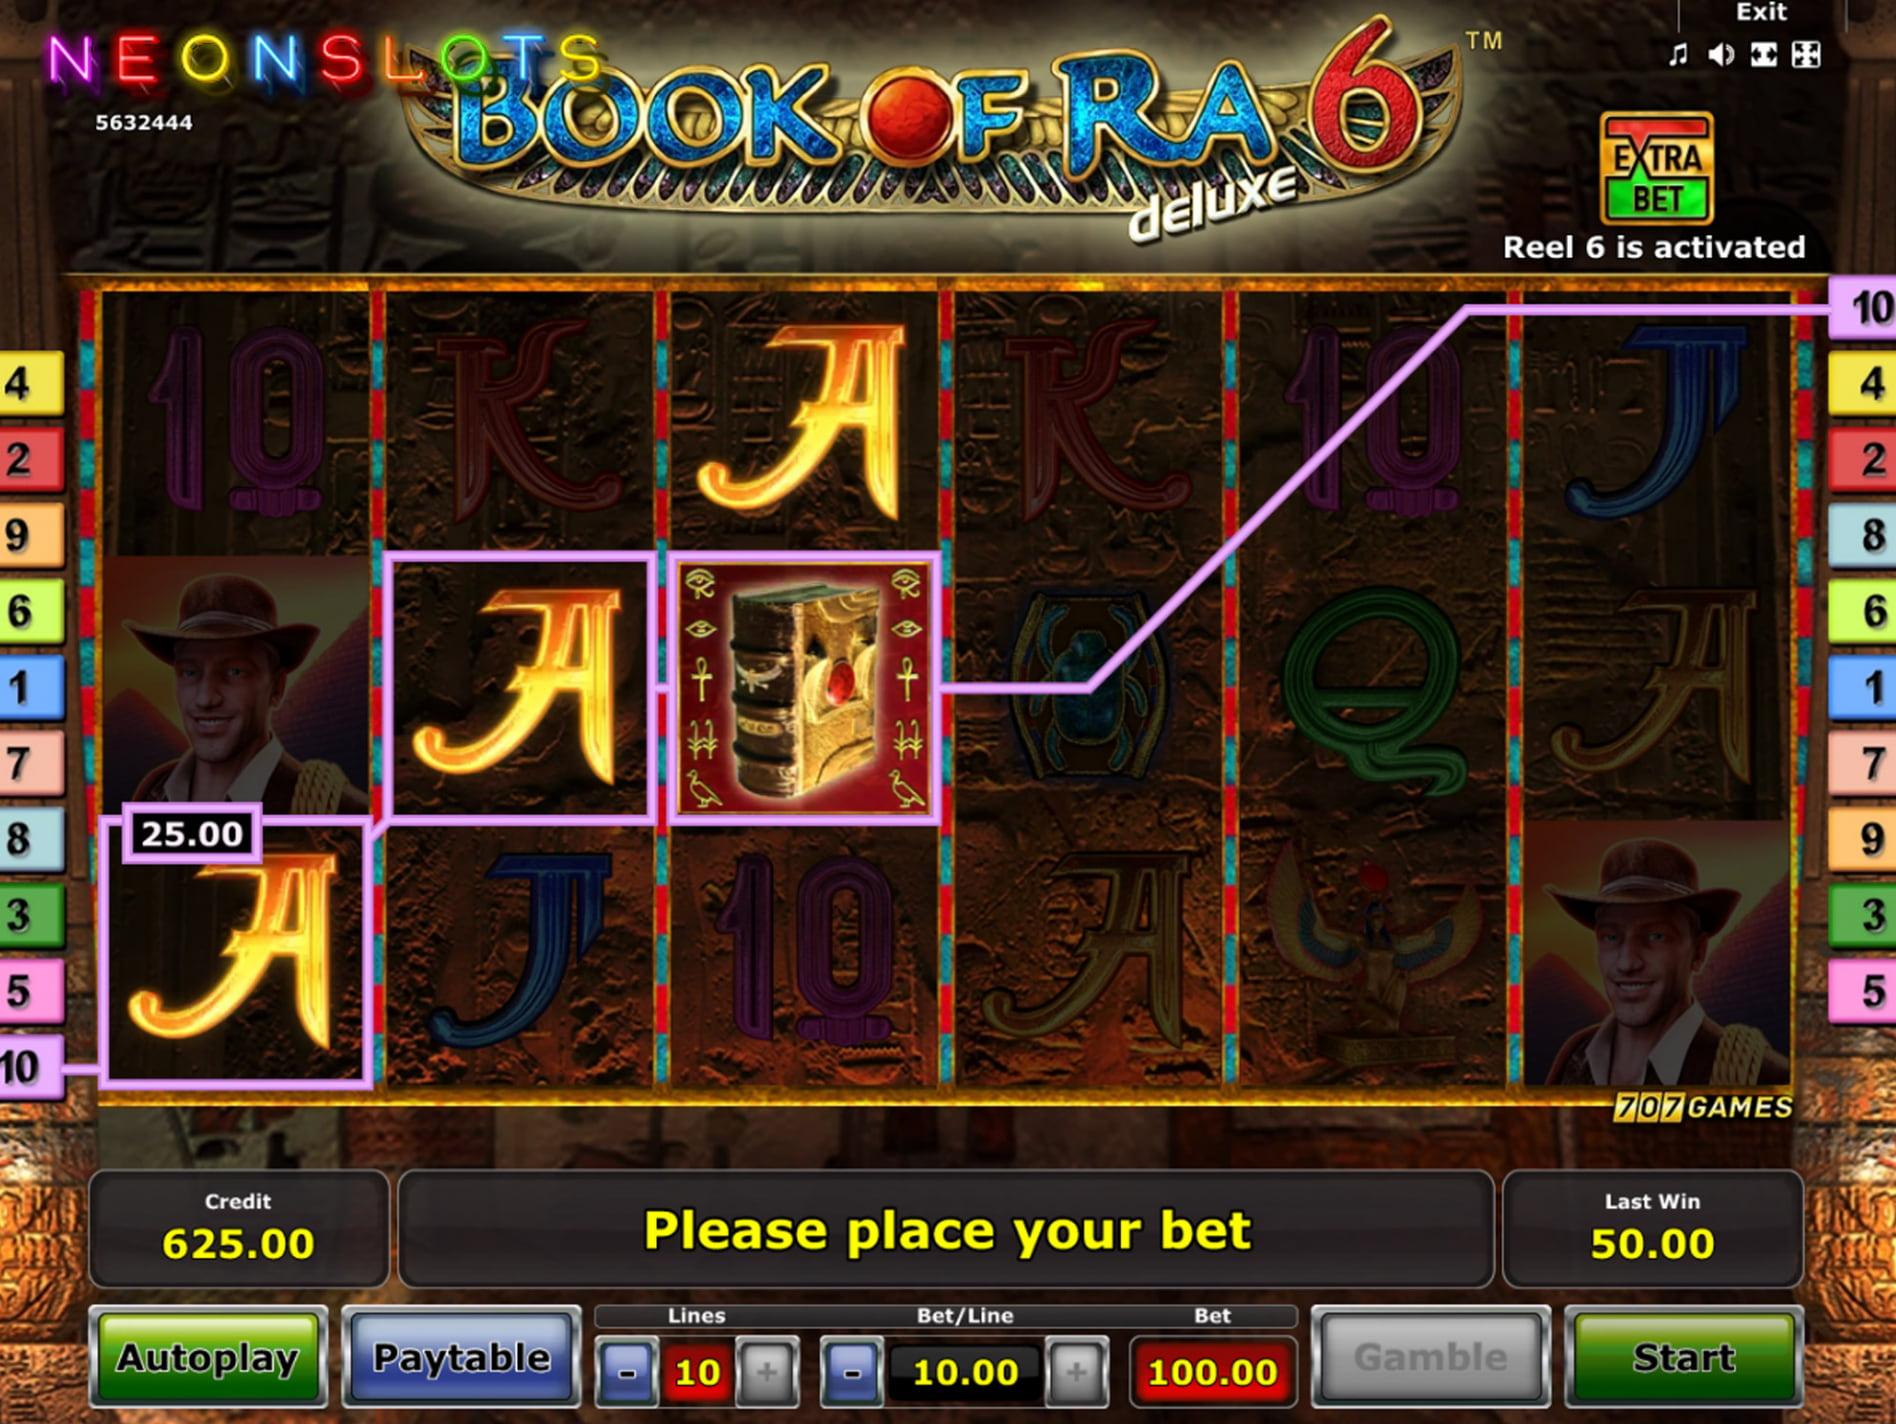 Premios en los casinos de las vegas opiniones de la tragaperra Desayuno-898427